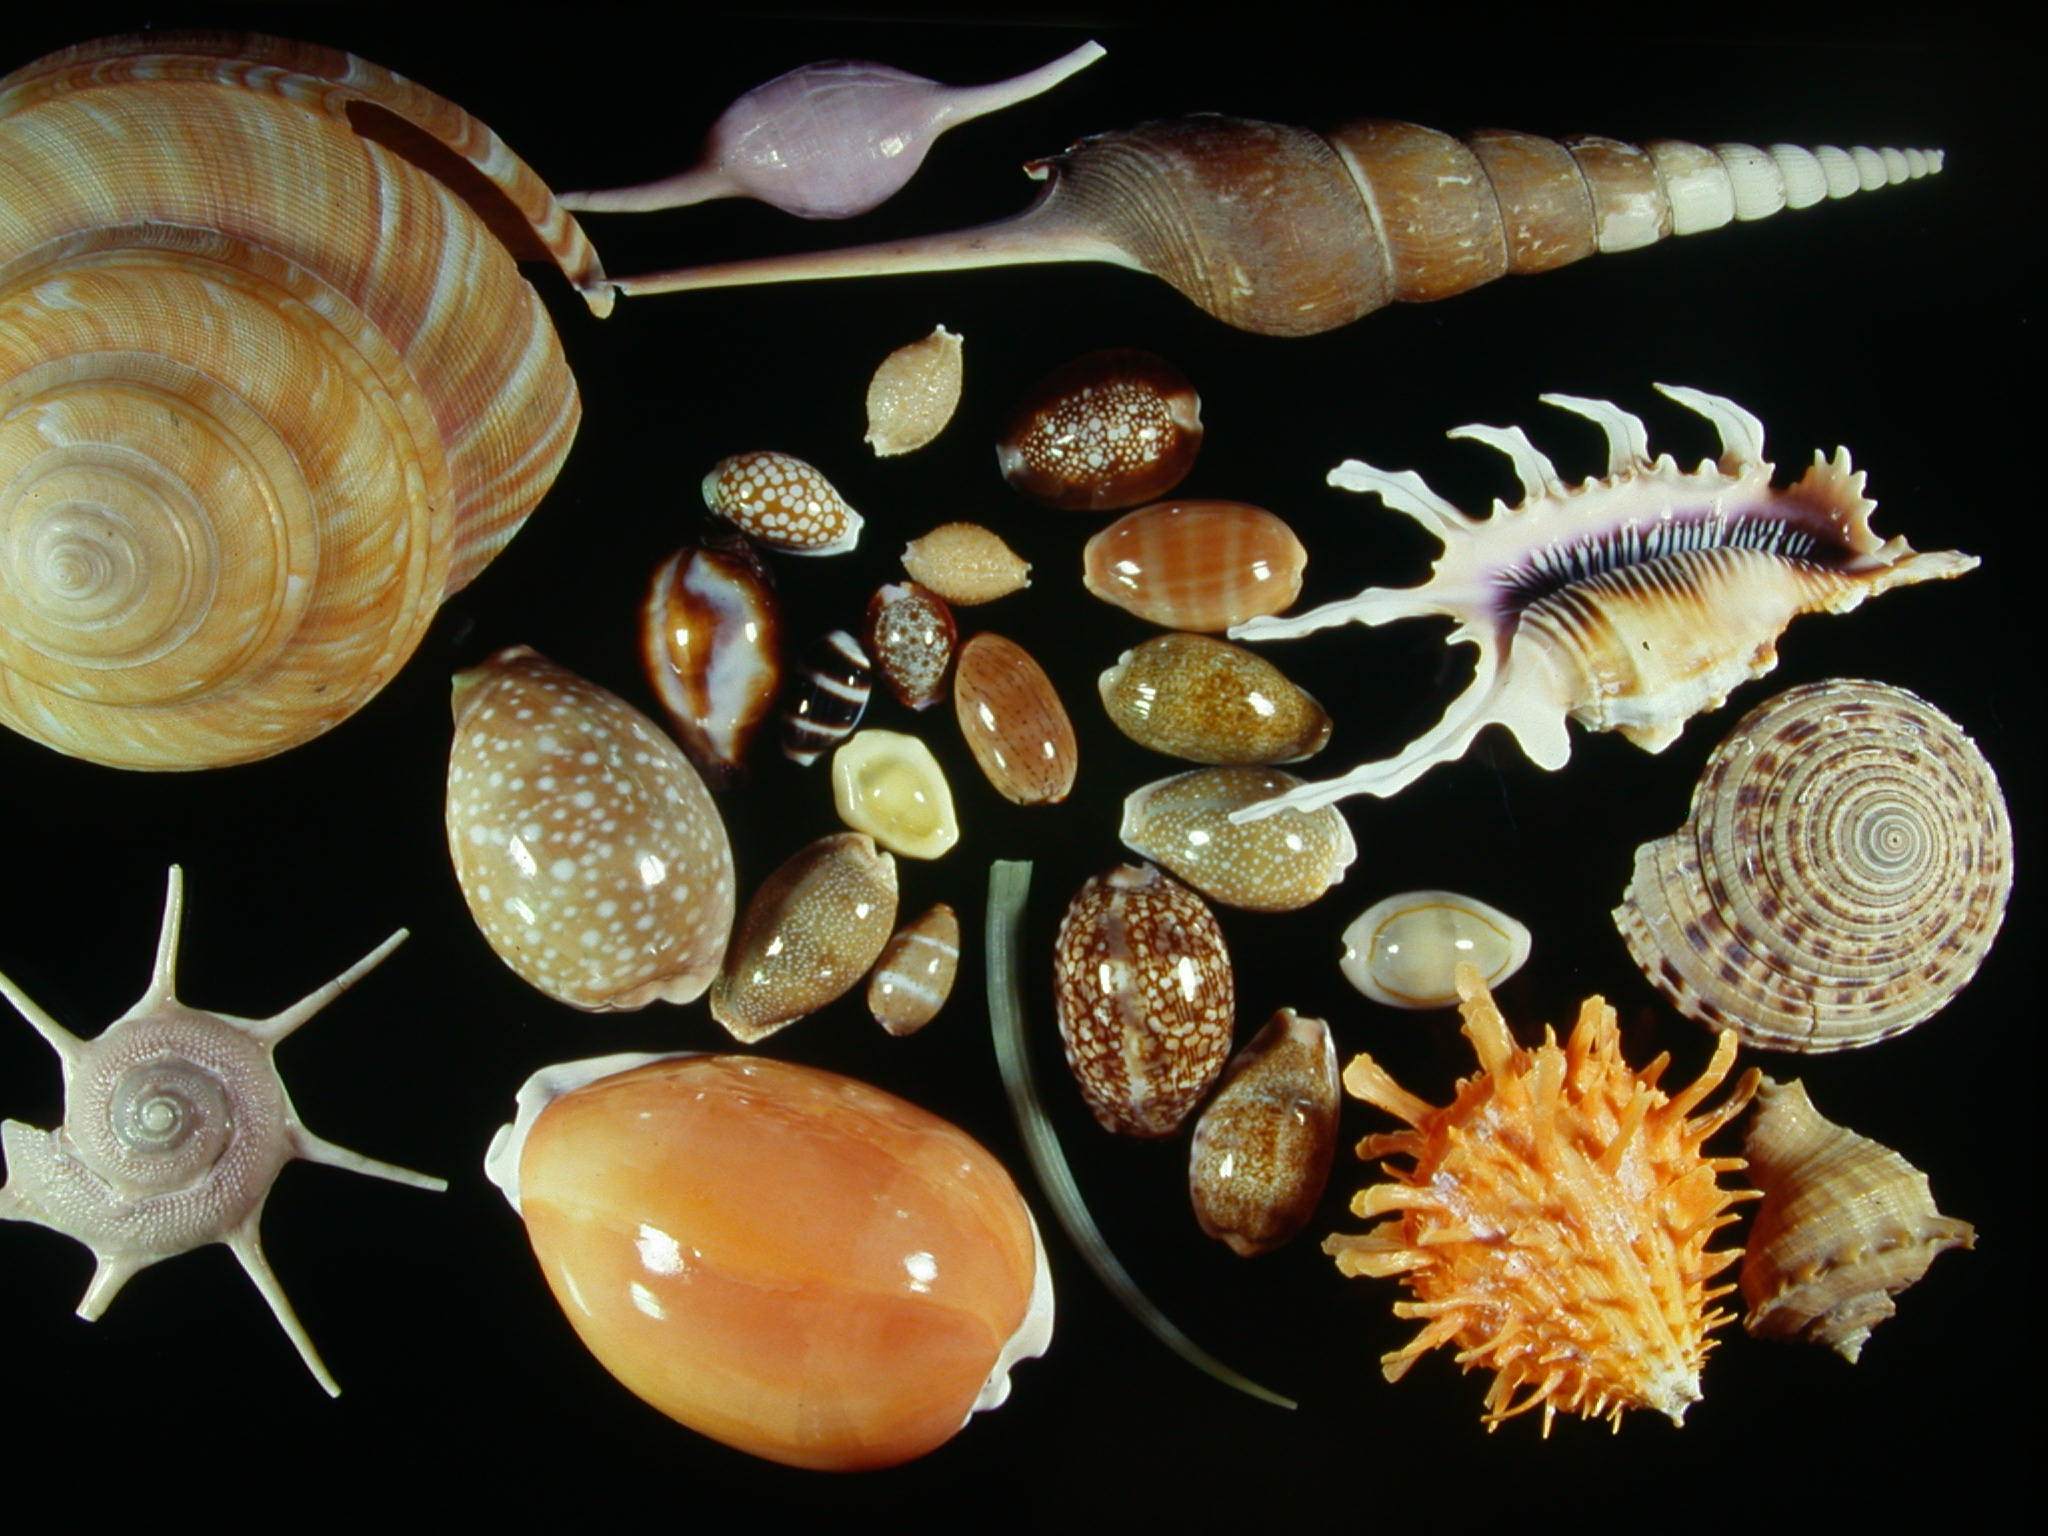 貝受注目-軟體動物多樣性PDF檔